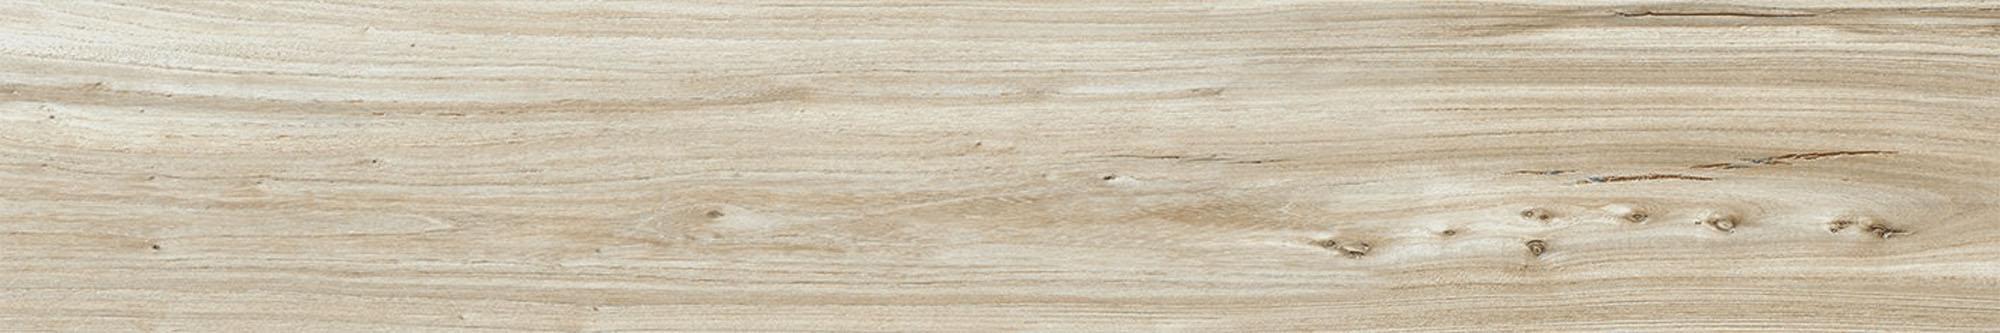 Luster Maple 20 x120cm